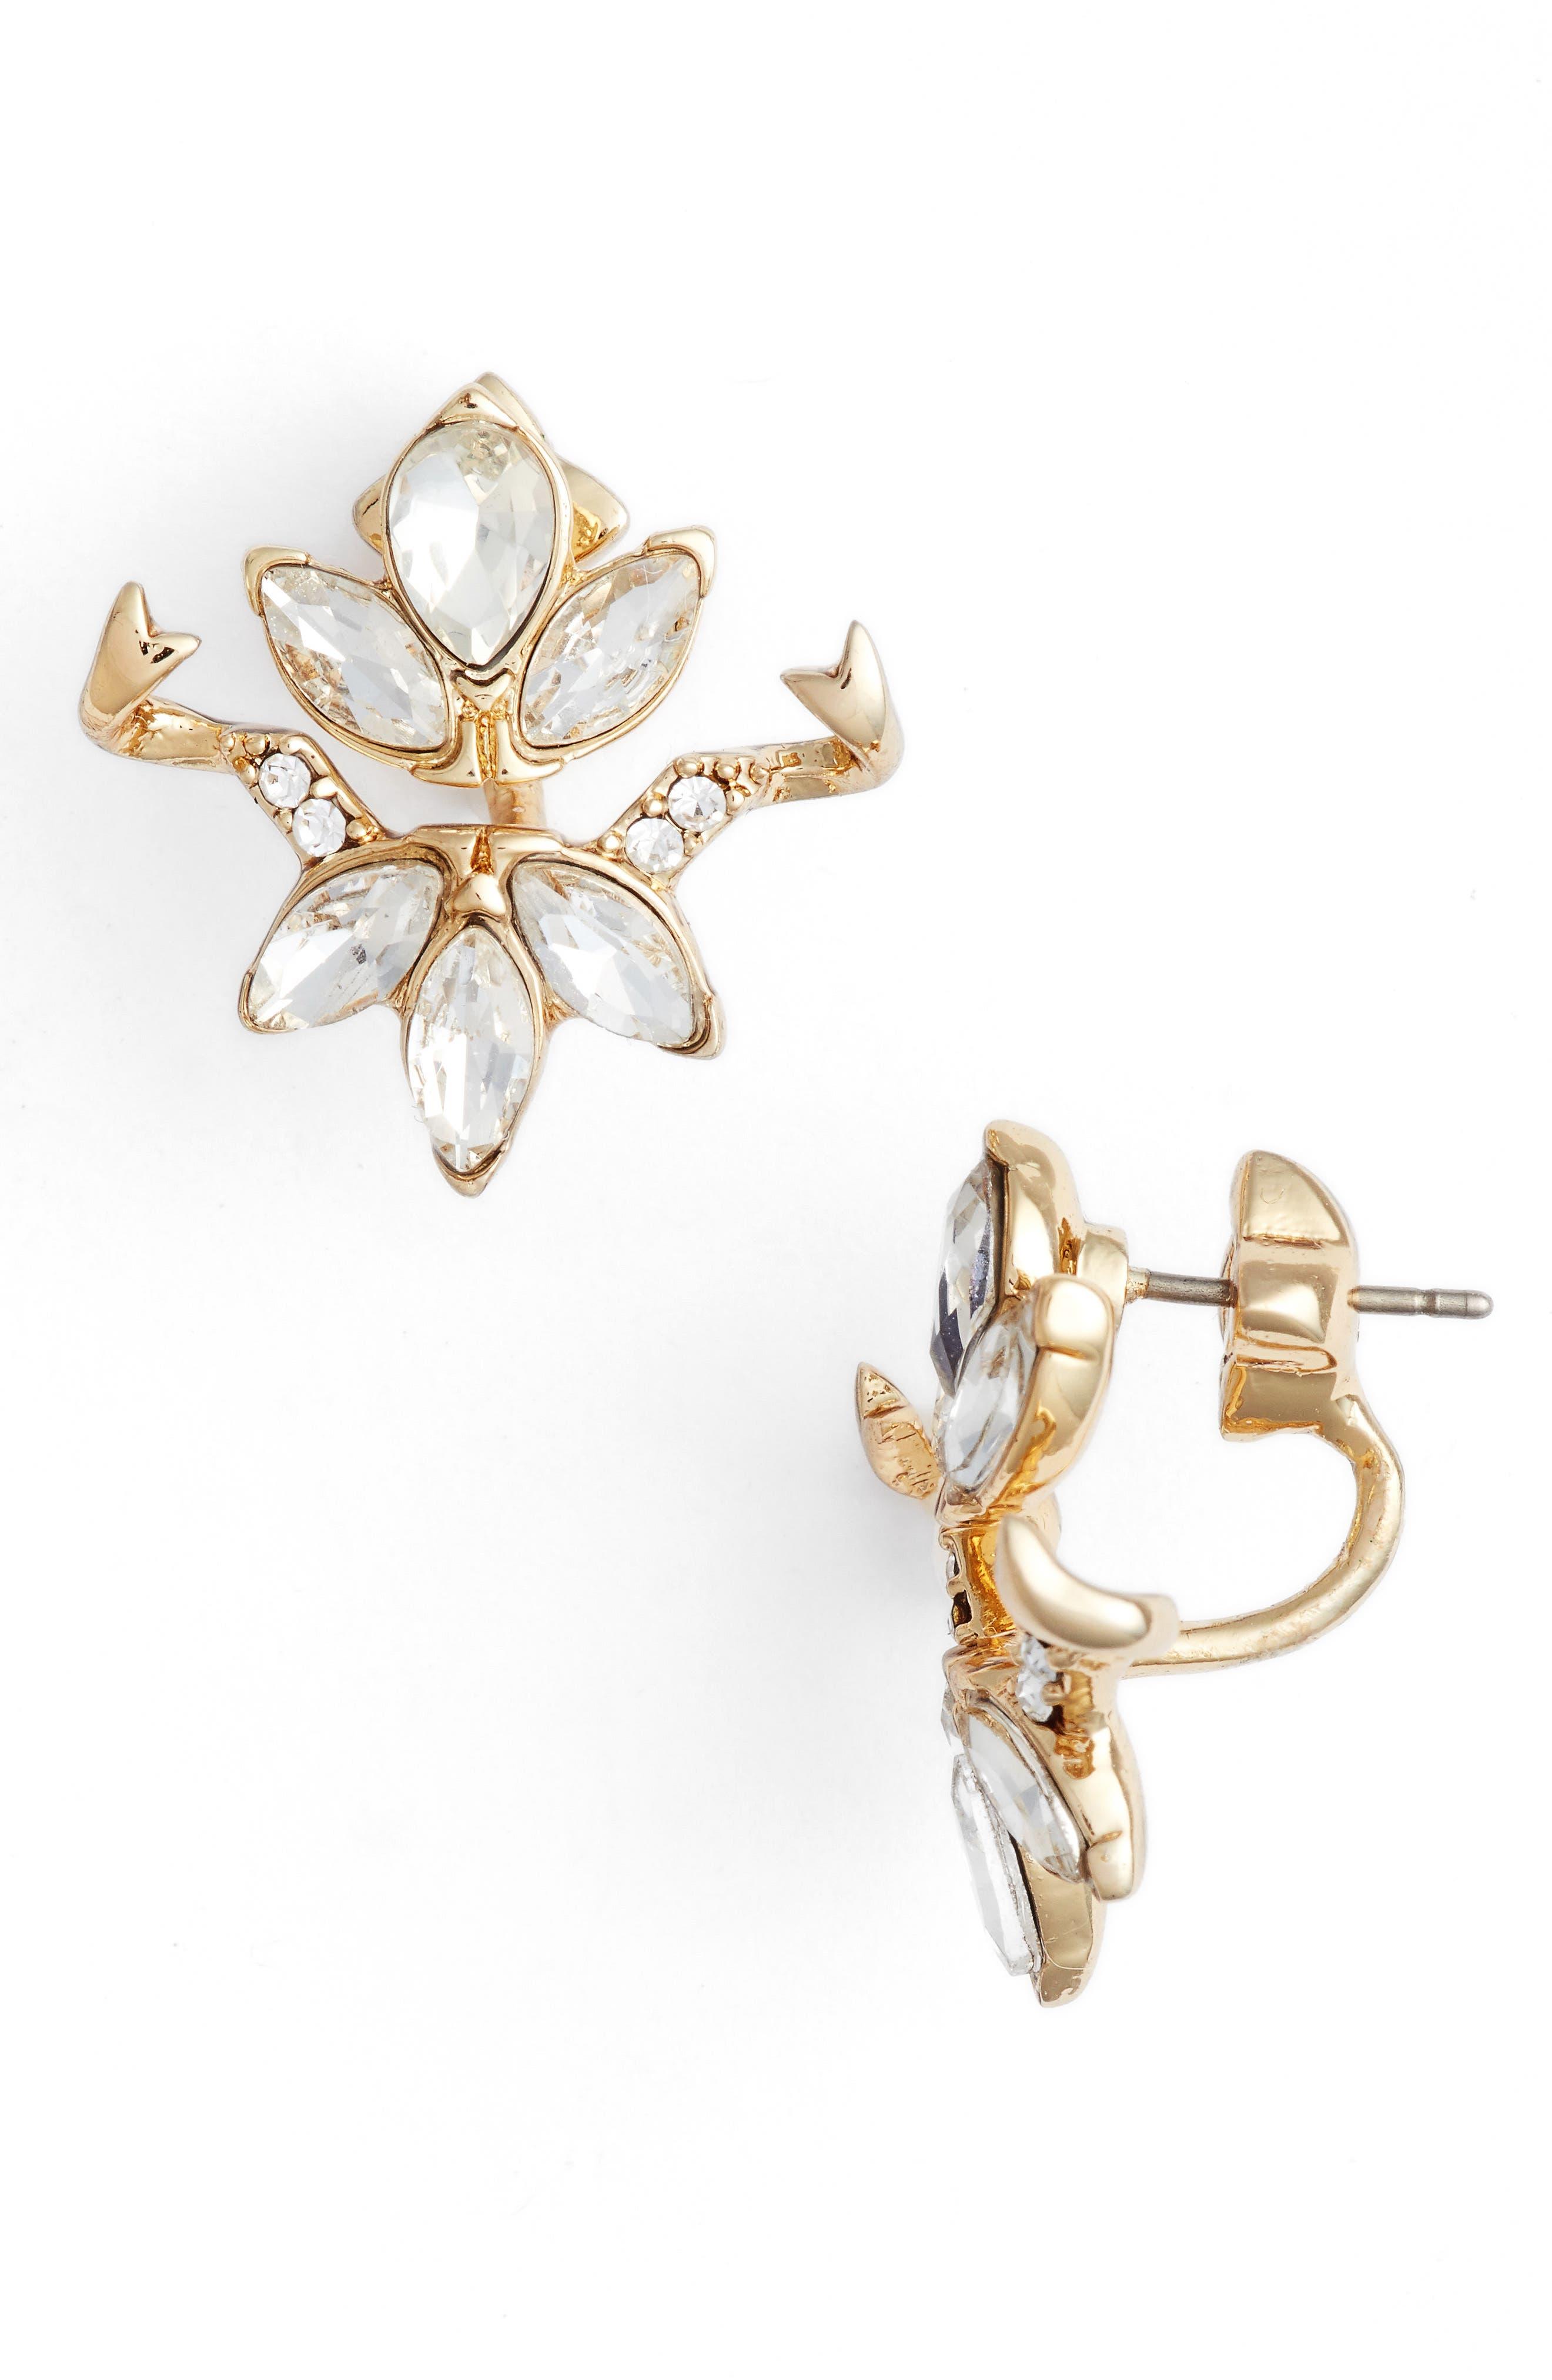 Jenny Packham Drop Earrings